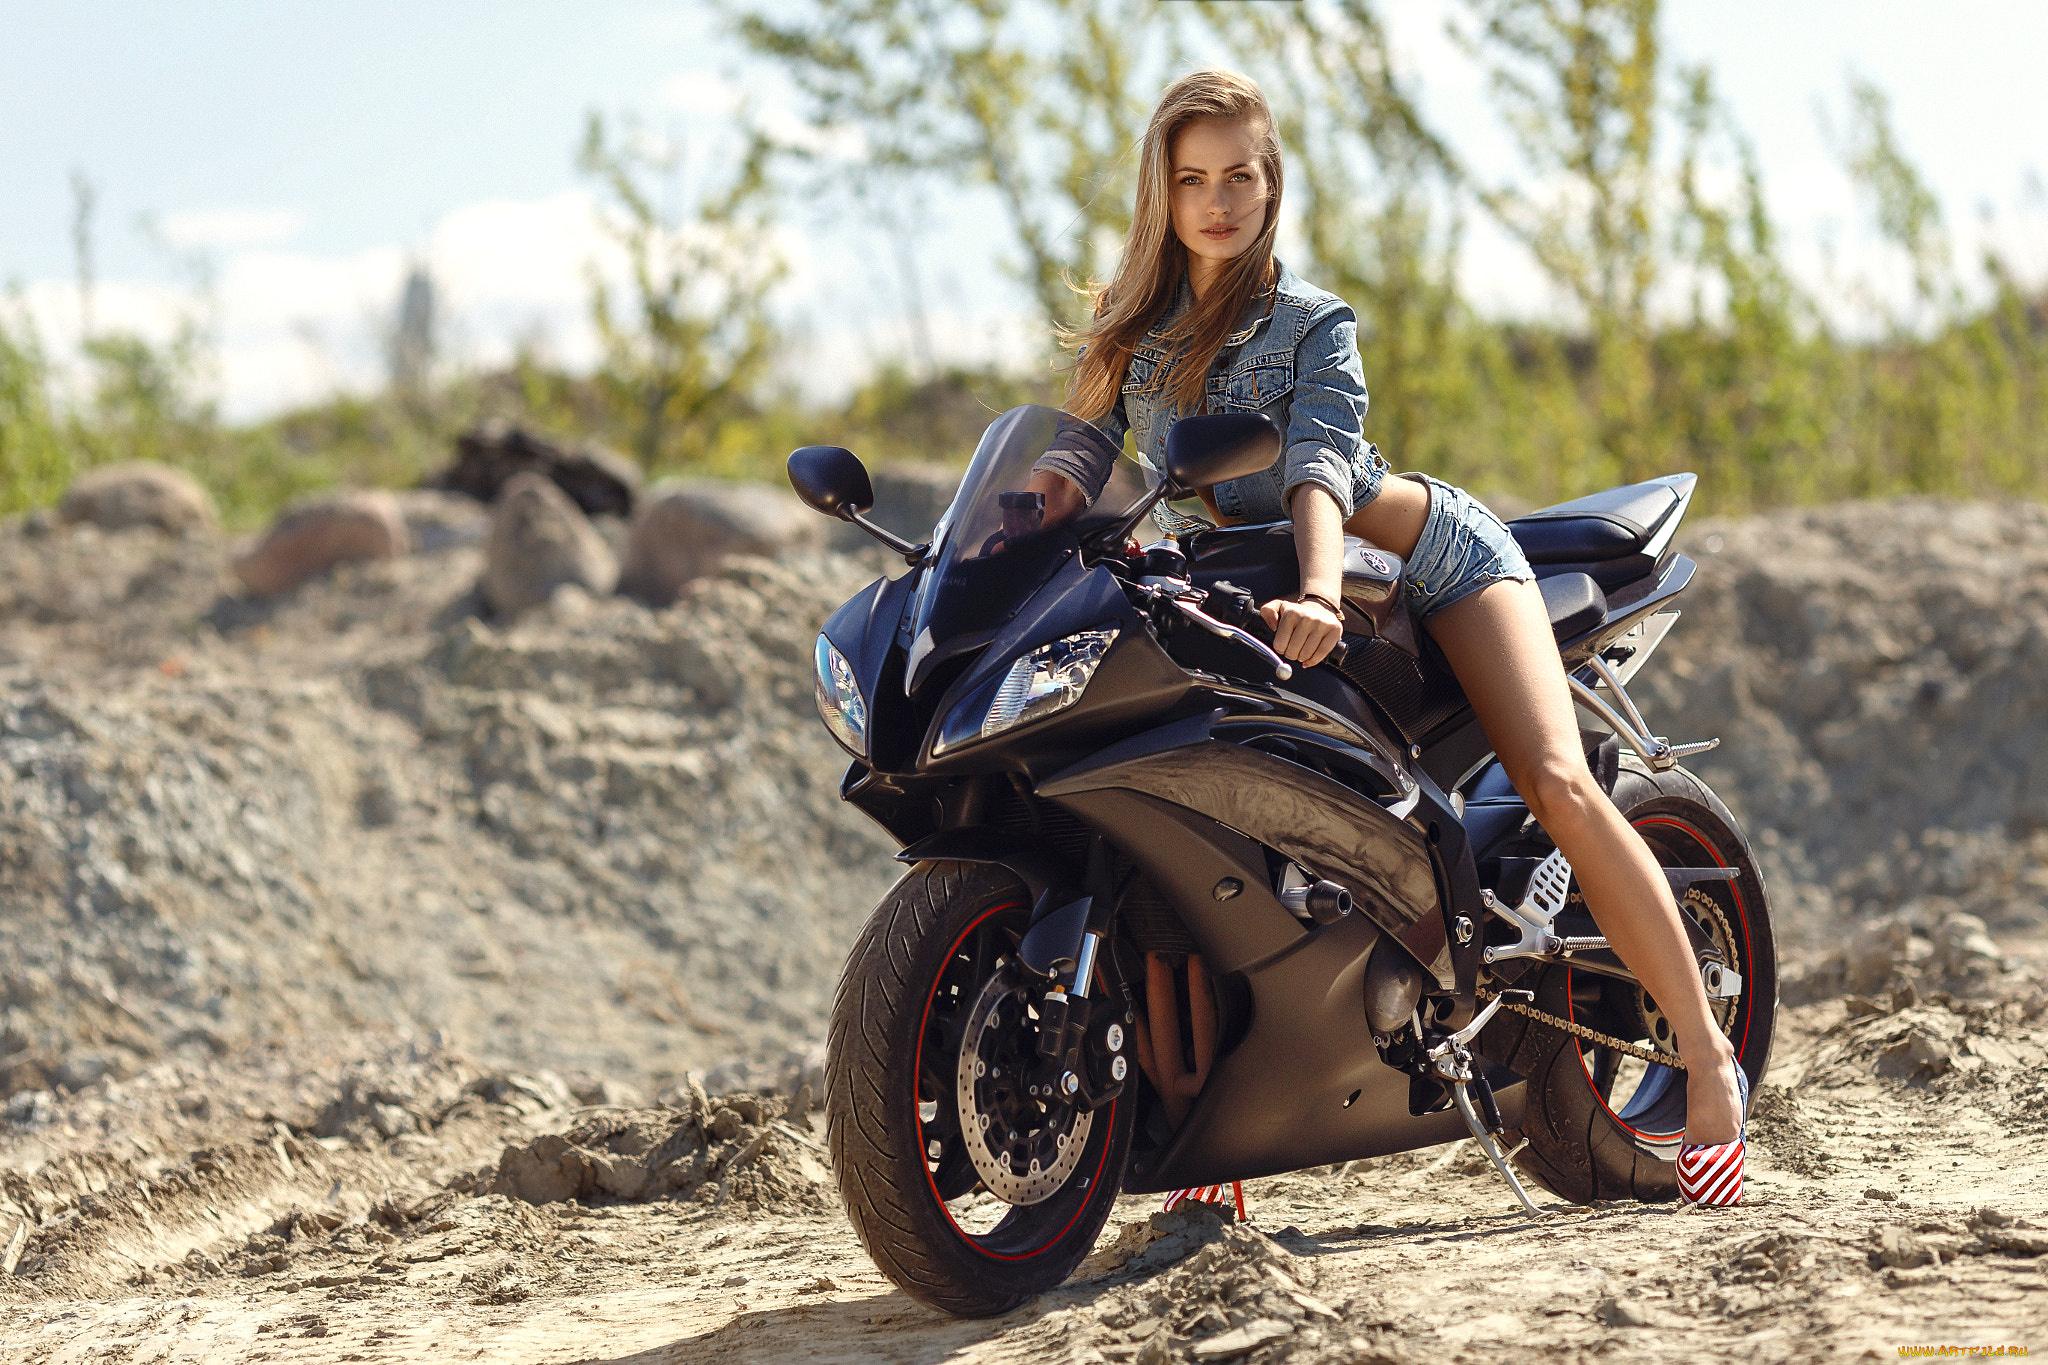 devushki-vozle-mototsikla-foto-zhenskiy